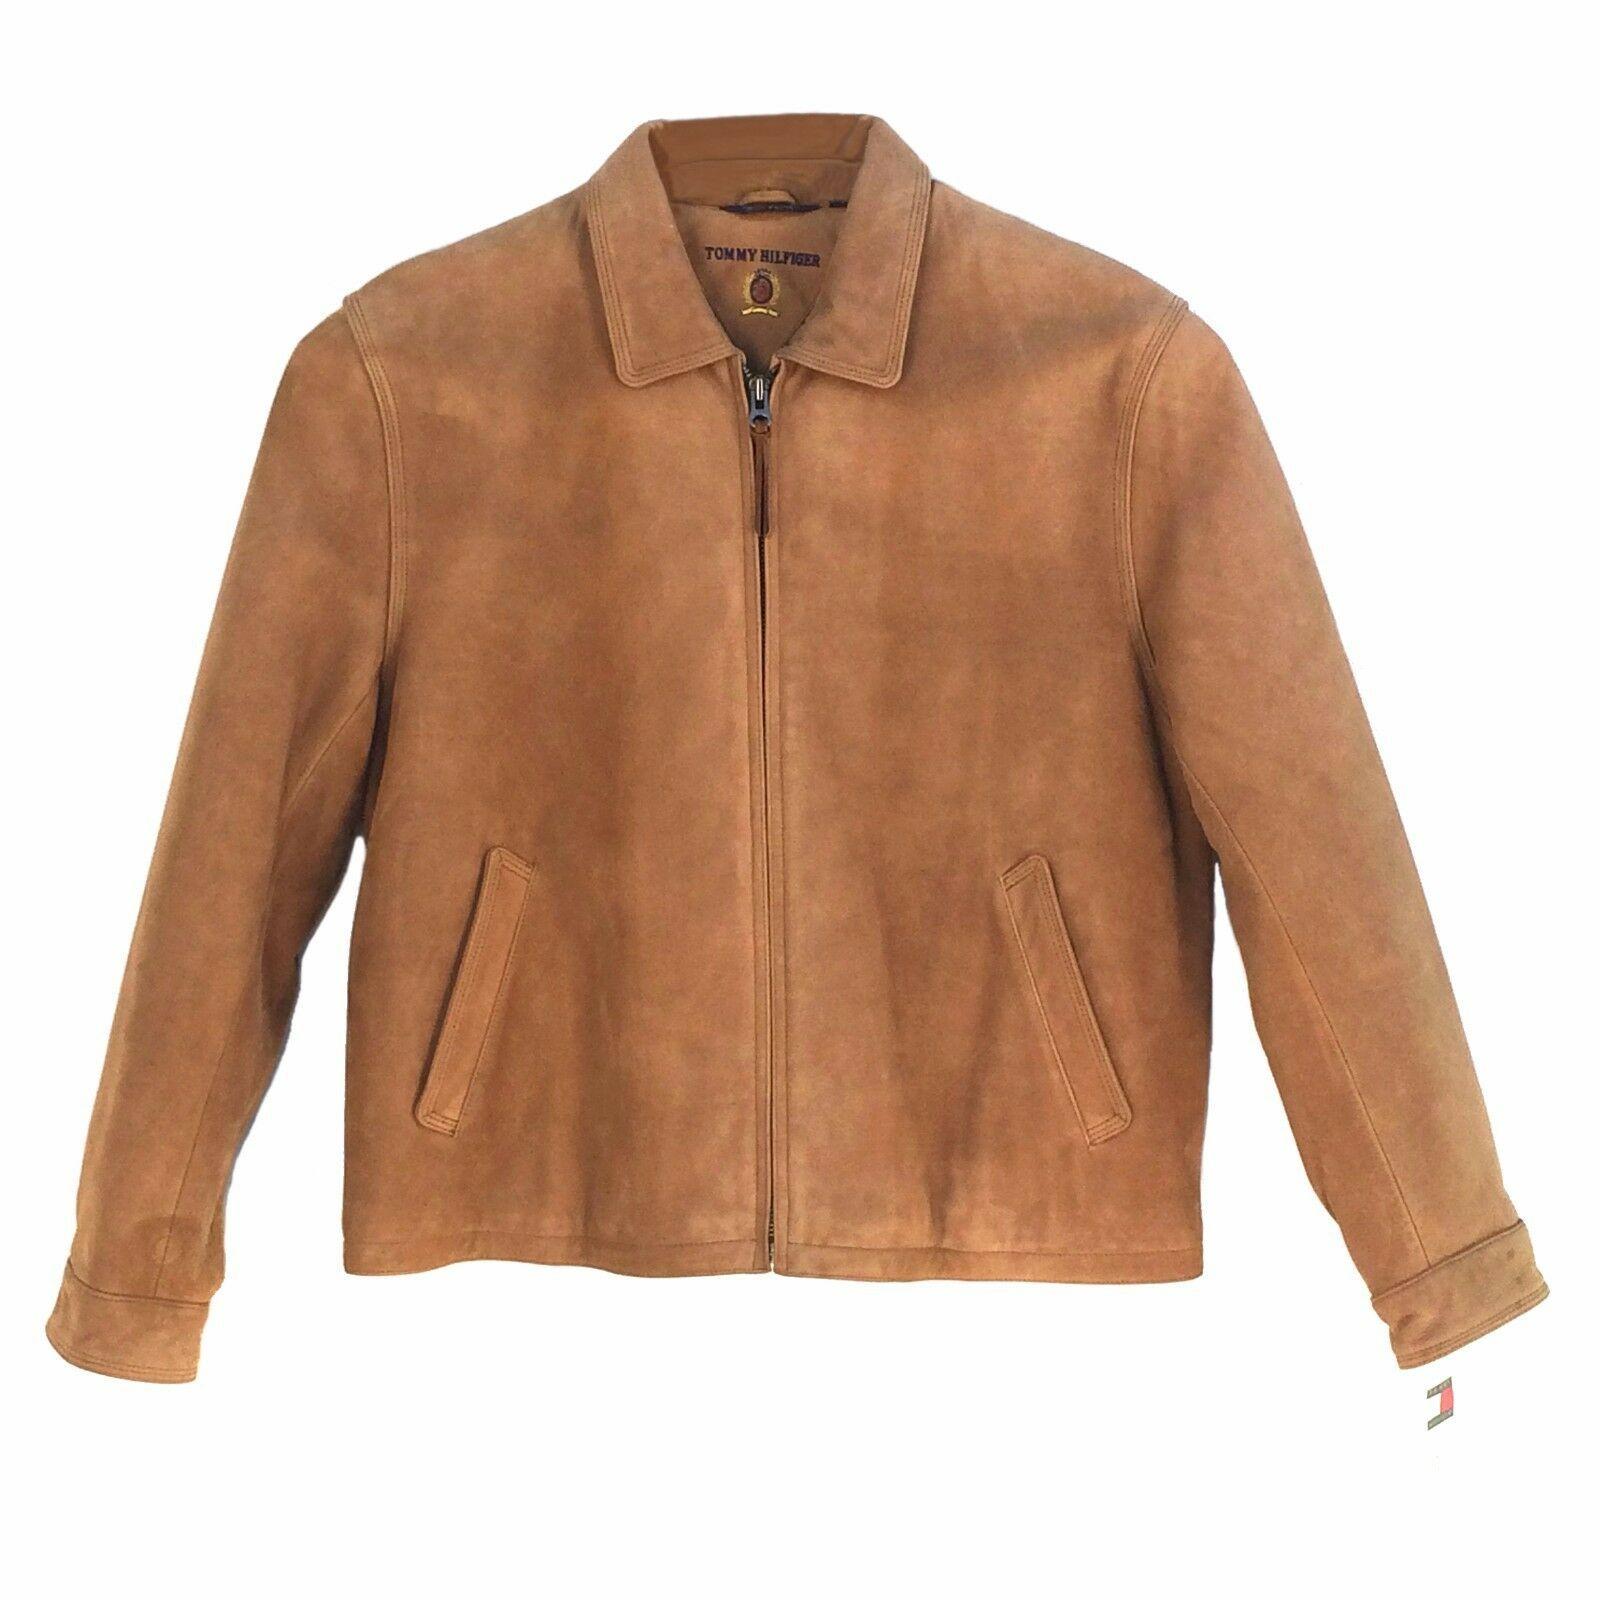 Vintage,Tommy Hilfiger, Q44049LTB, Men Leather James Dean Bomber Jacket,Tobacco - $395.00